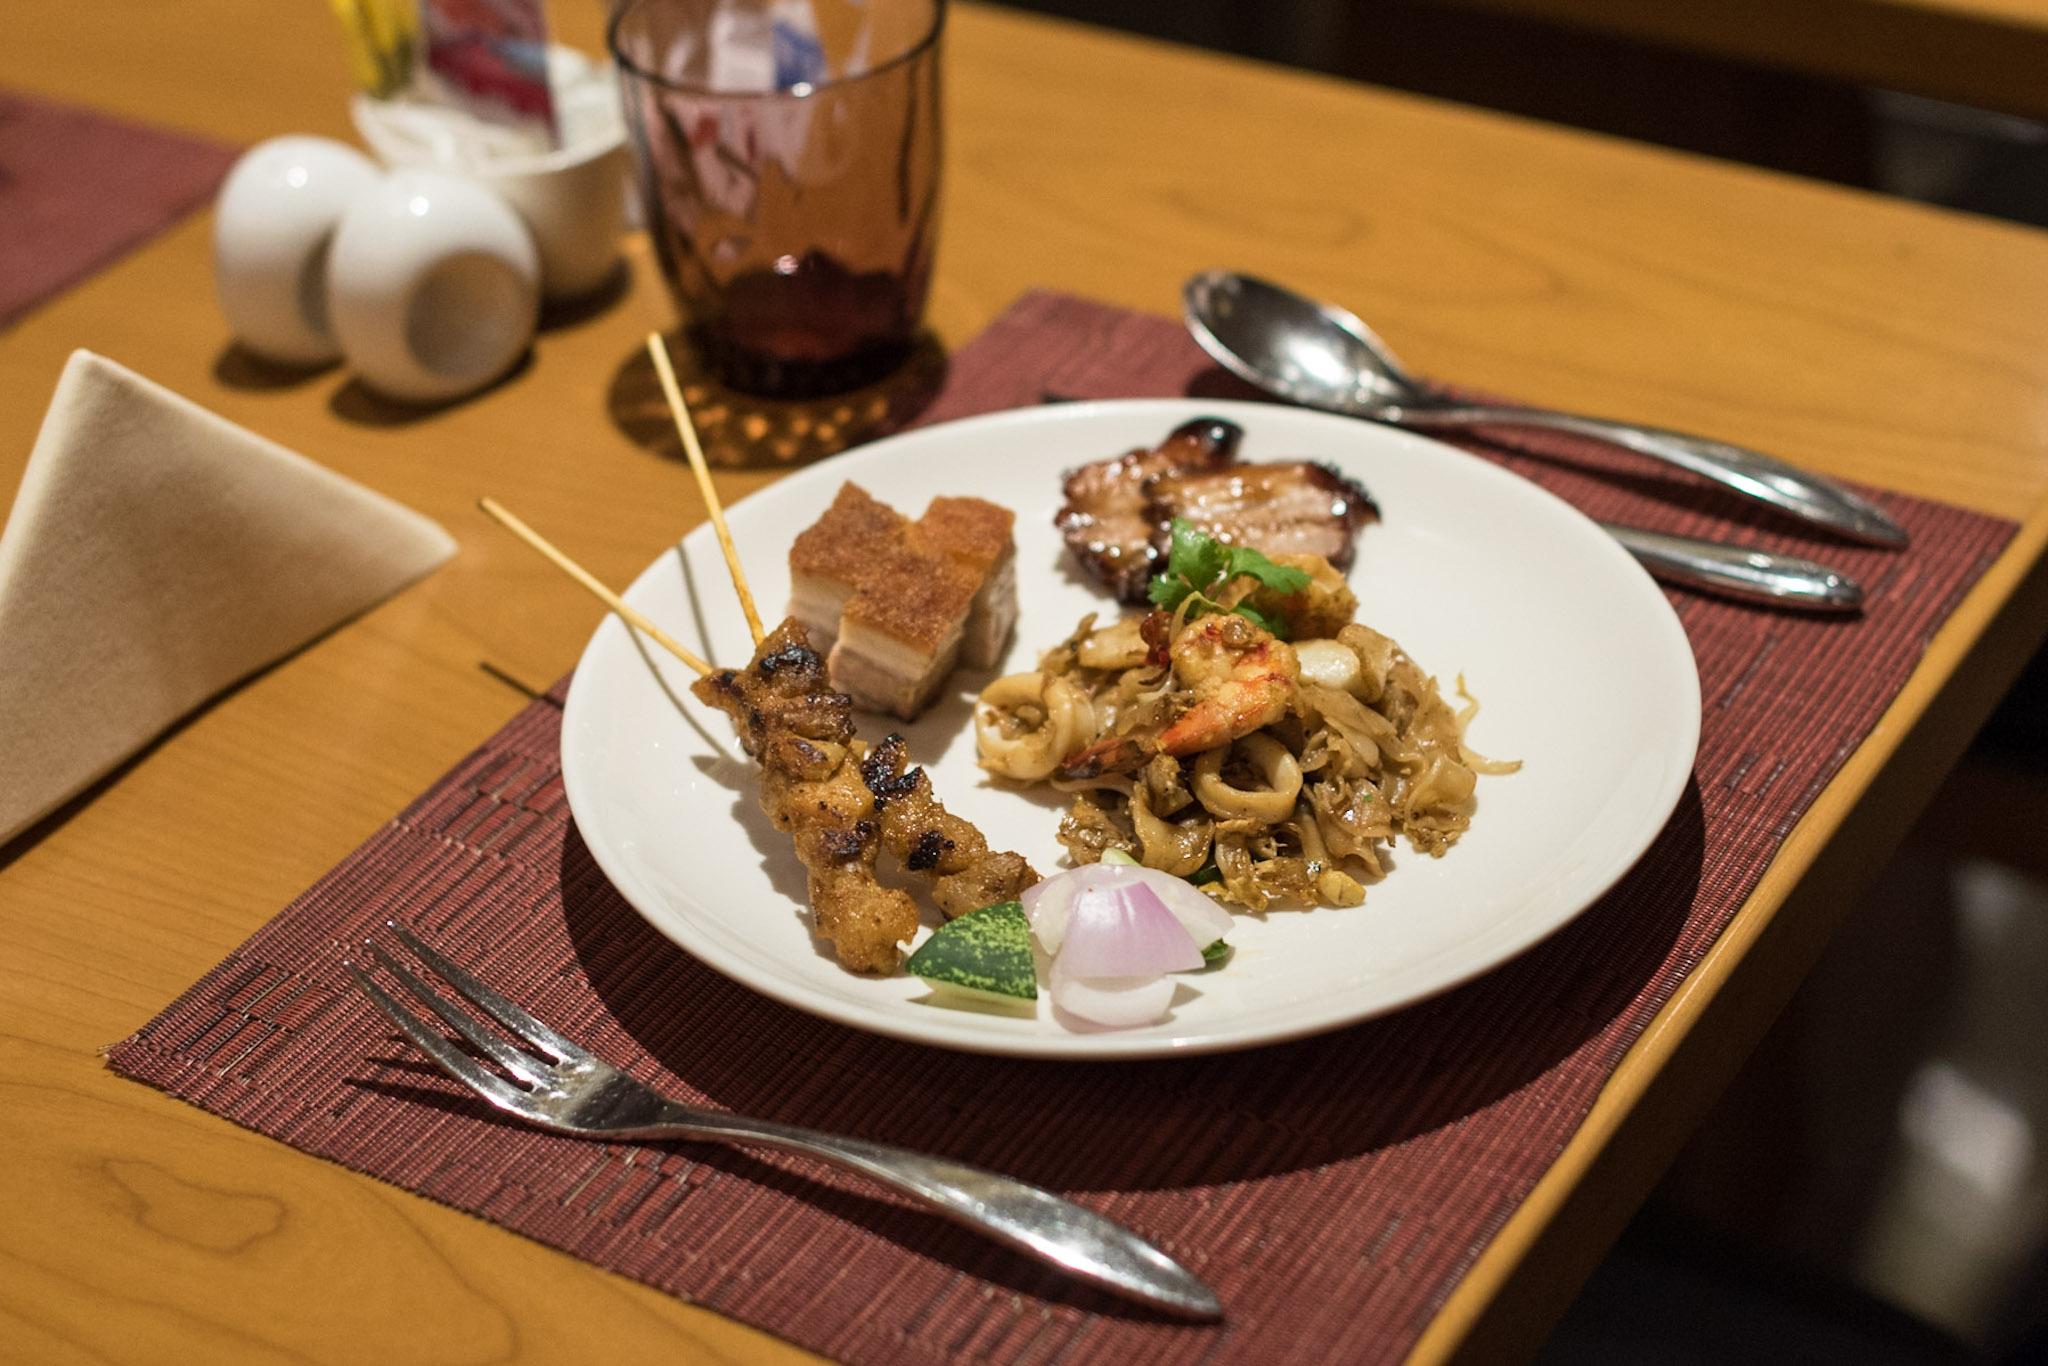 Hawkerlicious Dinner Buffet  Flavours at Zhongshan Park (Ramada Singapore at Zhongshan Park)